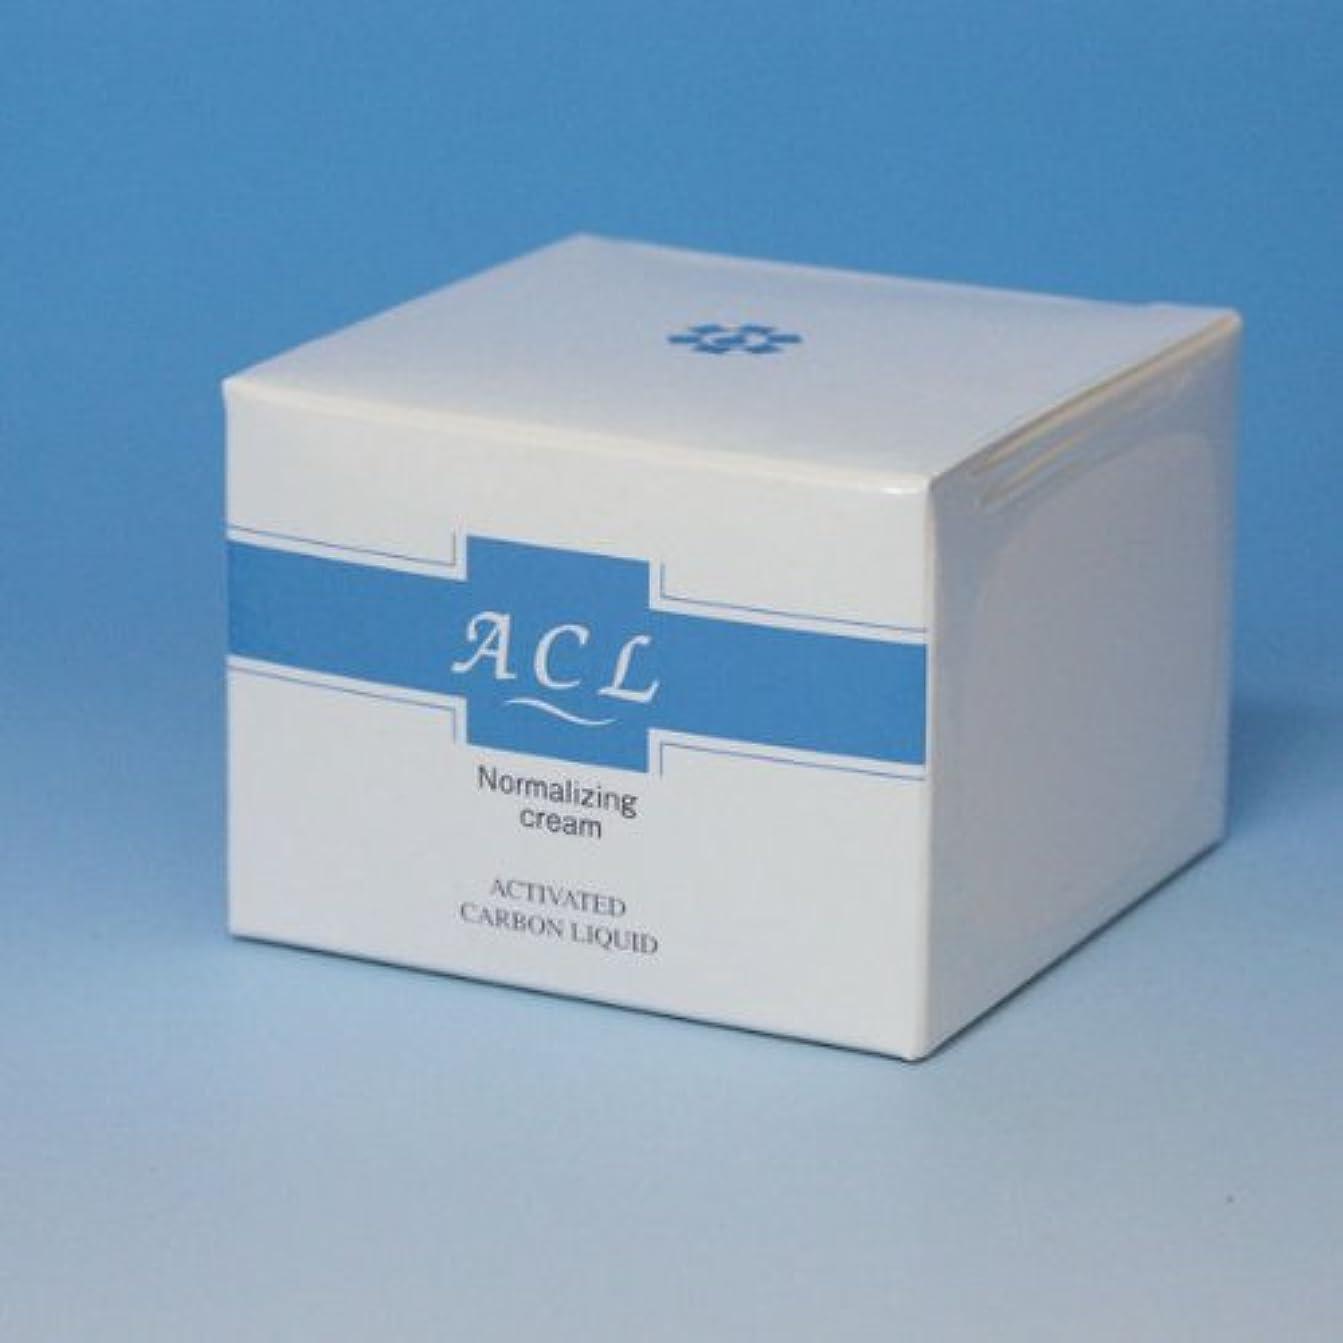 剃るサーバどこにも【日邦薬品】ACLノーマライジングクリーム 30g